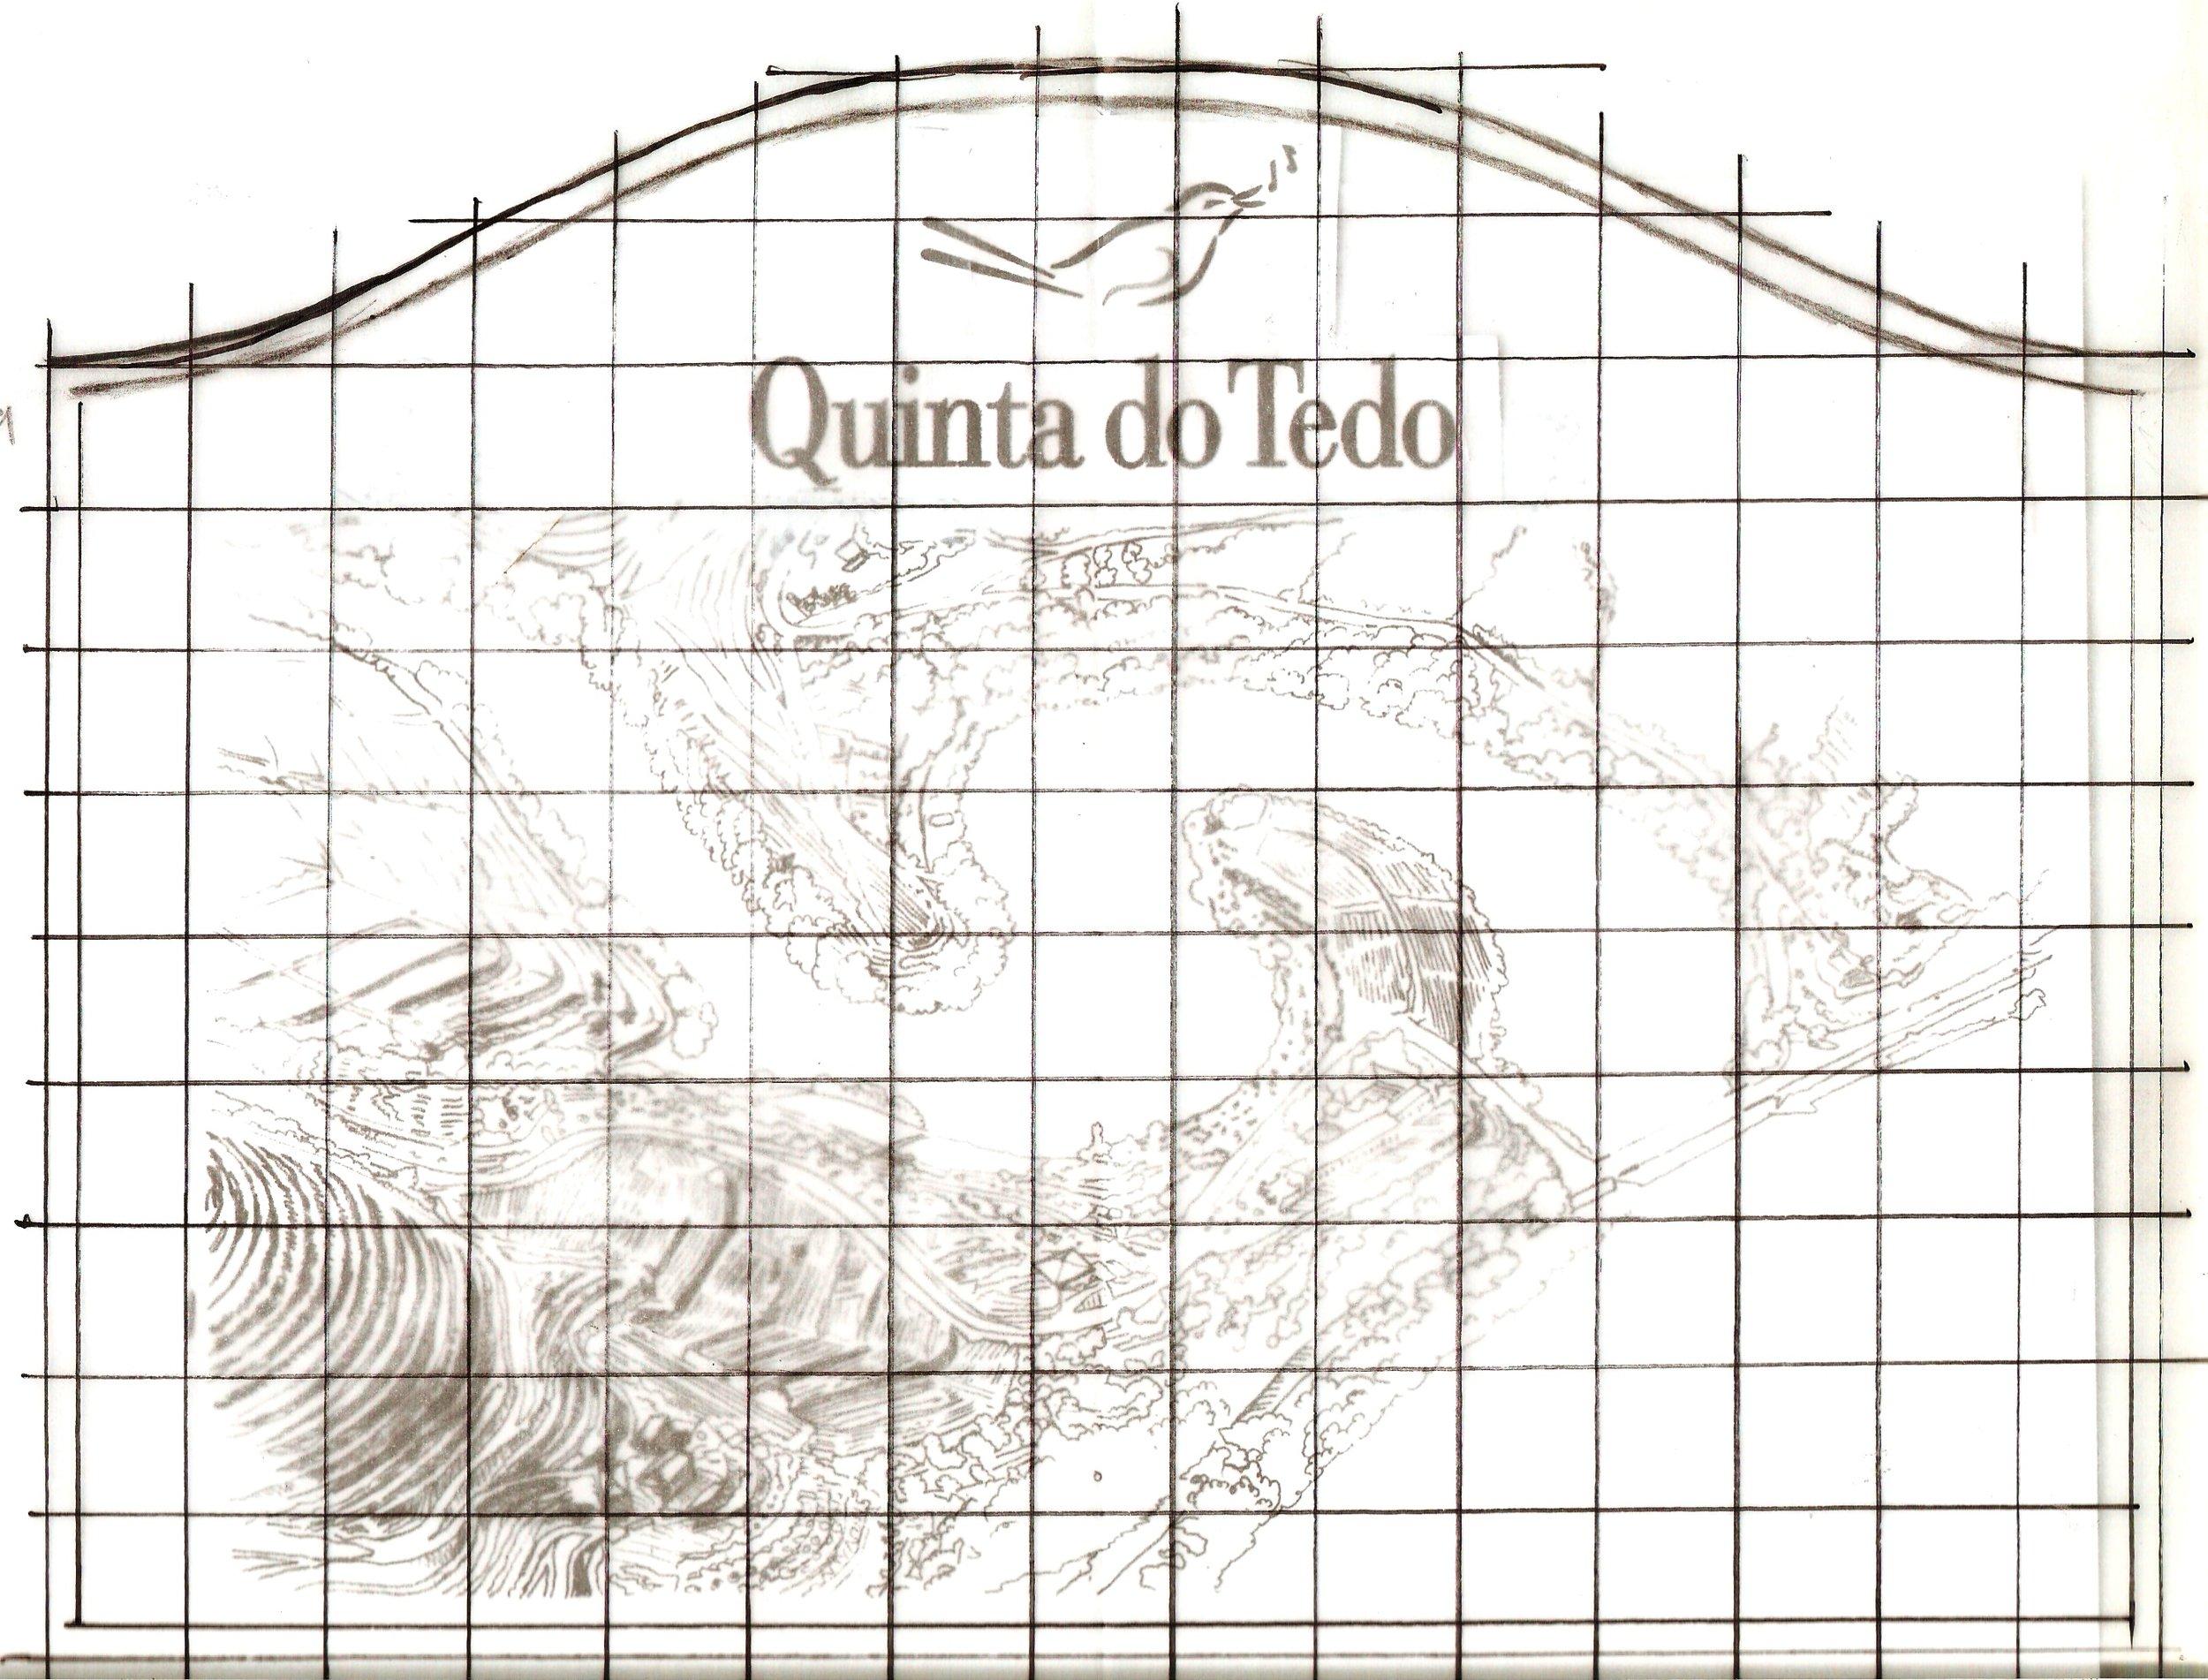 vista aérea Quinta do Tedo[3] copy 2